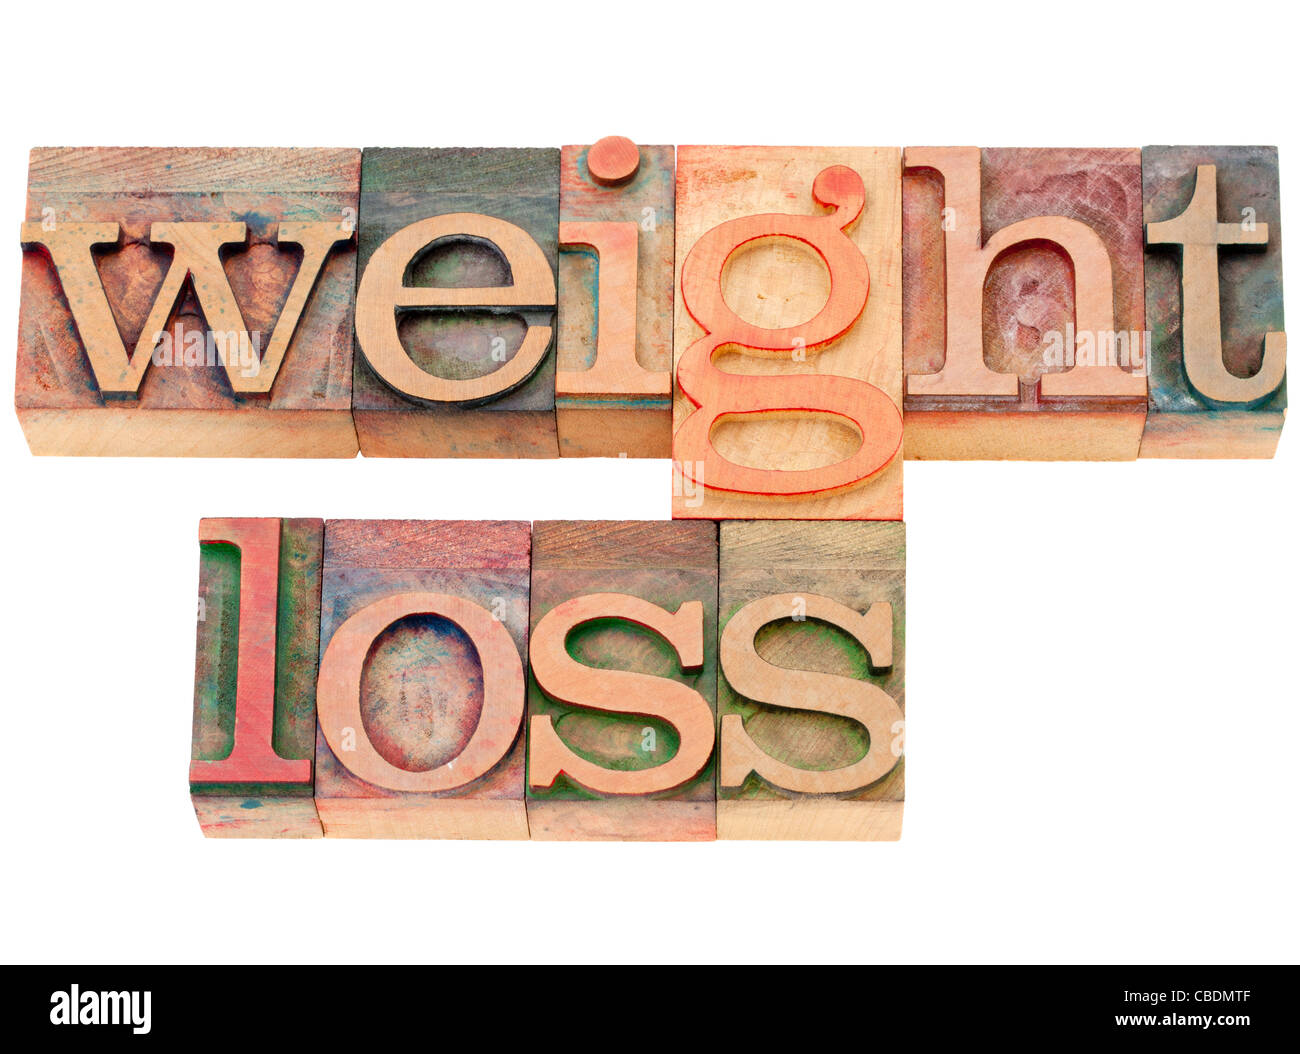 Pérdida de peso - palabras aisladas en vintage wood tipografía Imagen De Stock